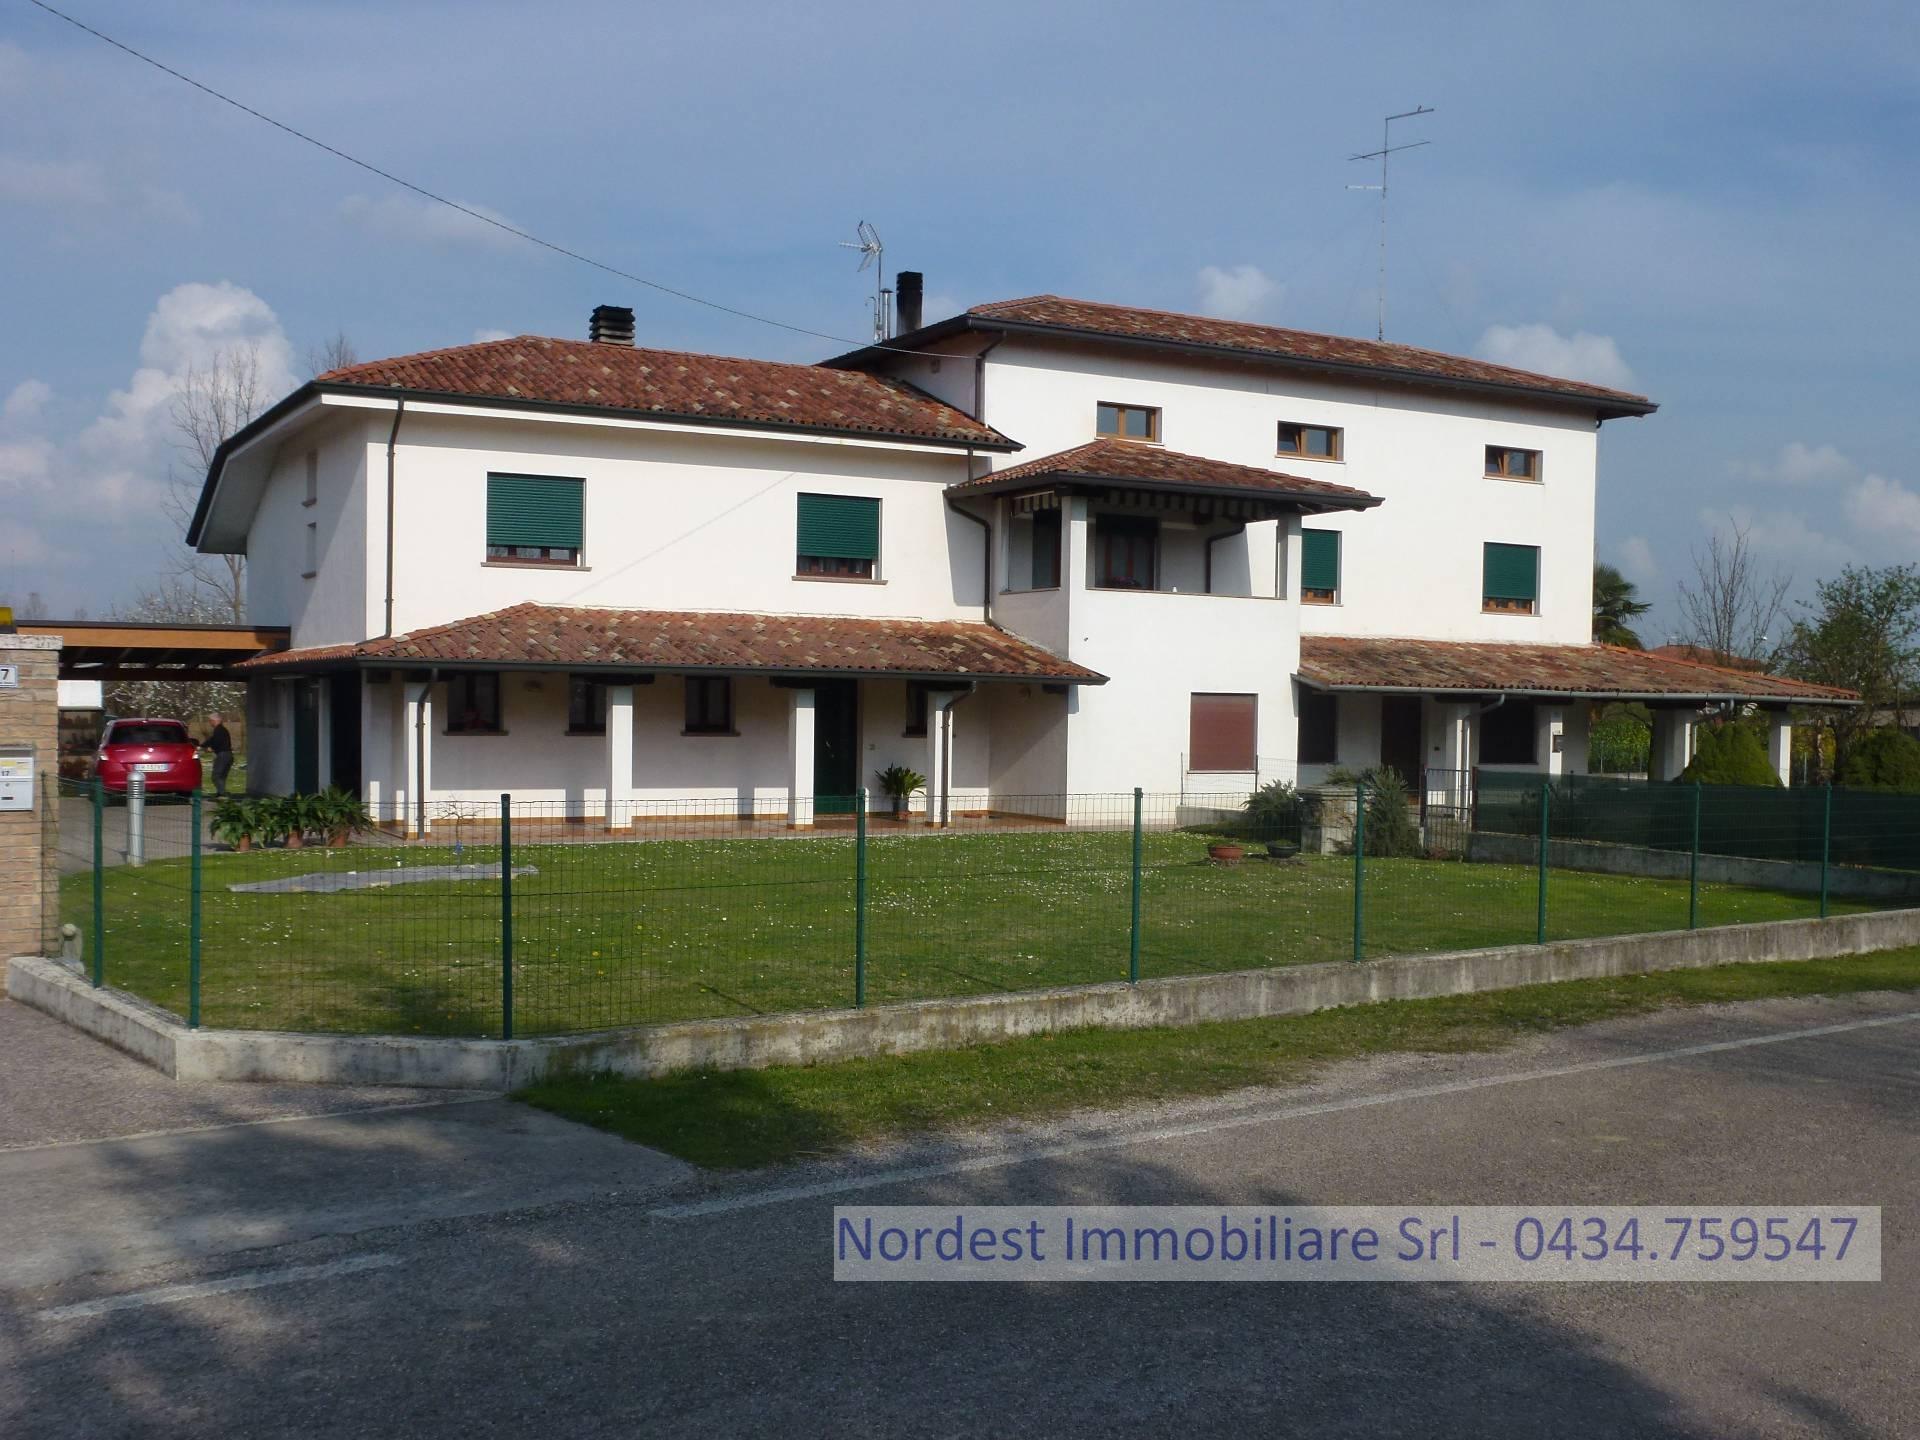 Villa Bifamiliare in vendita a Gaiarine, 8 locali, Trattative riservate | CambioCasa.it